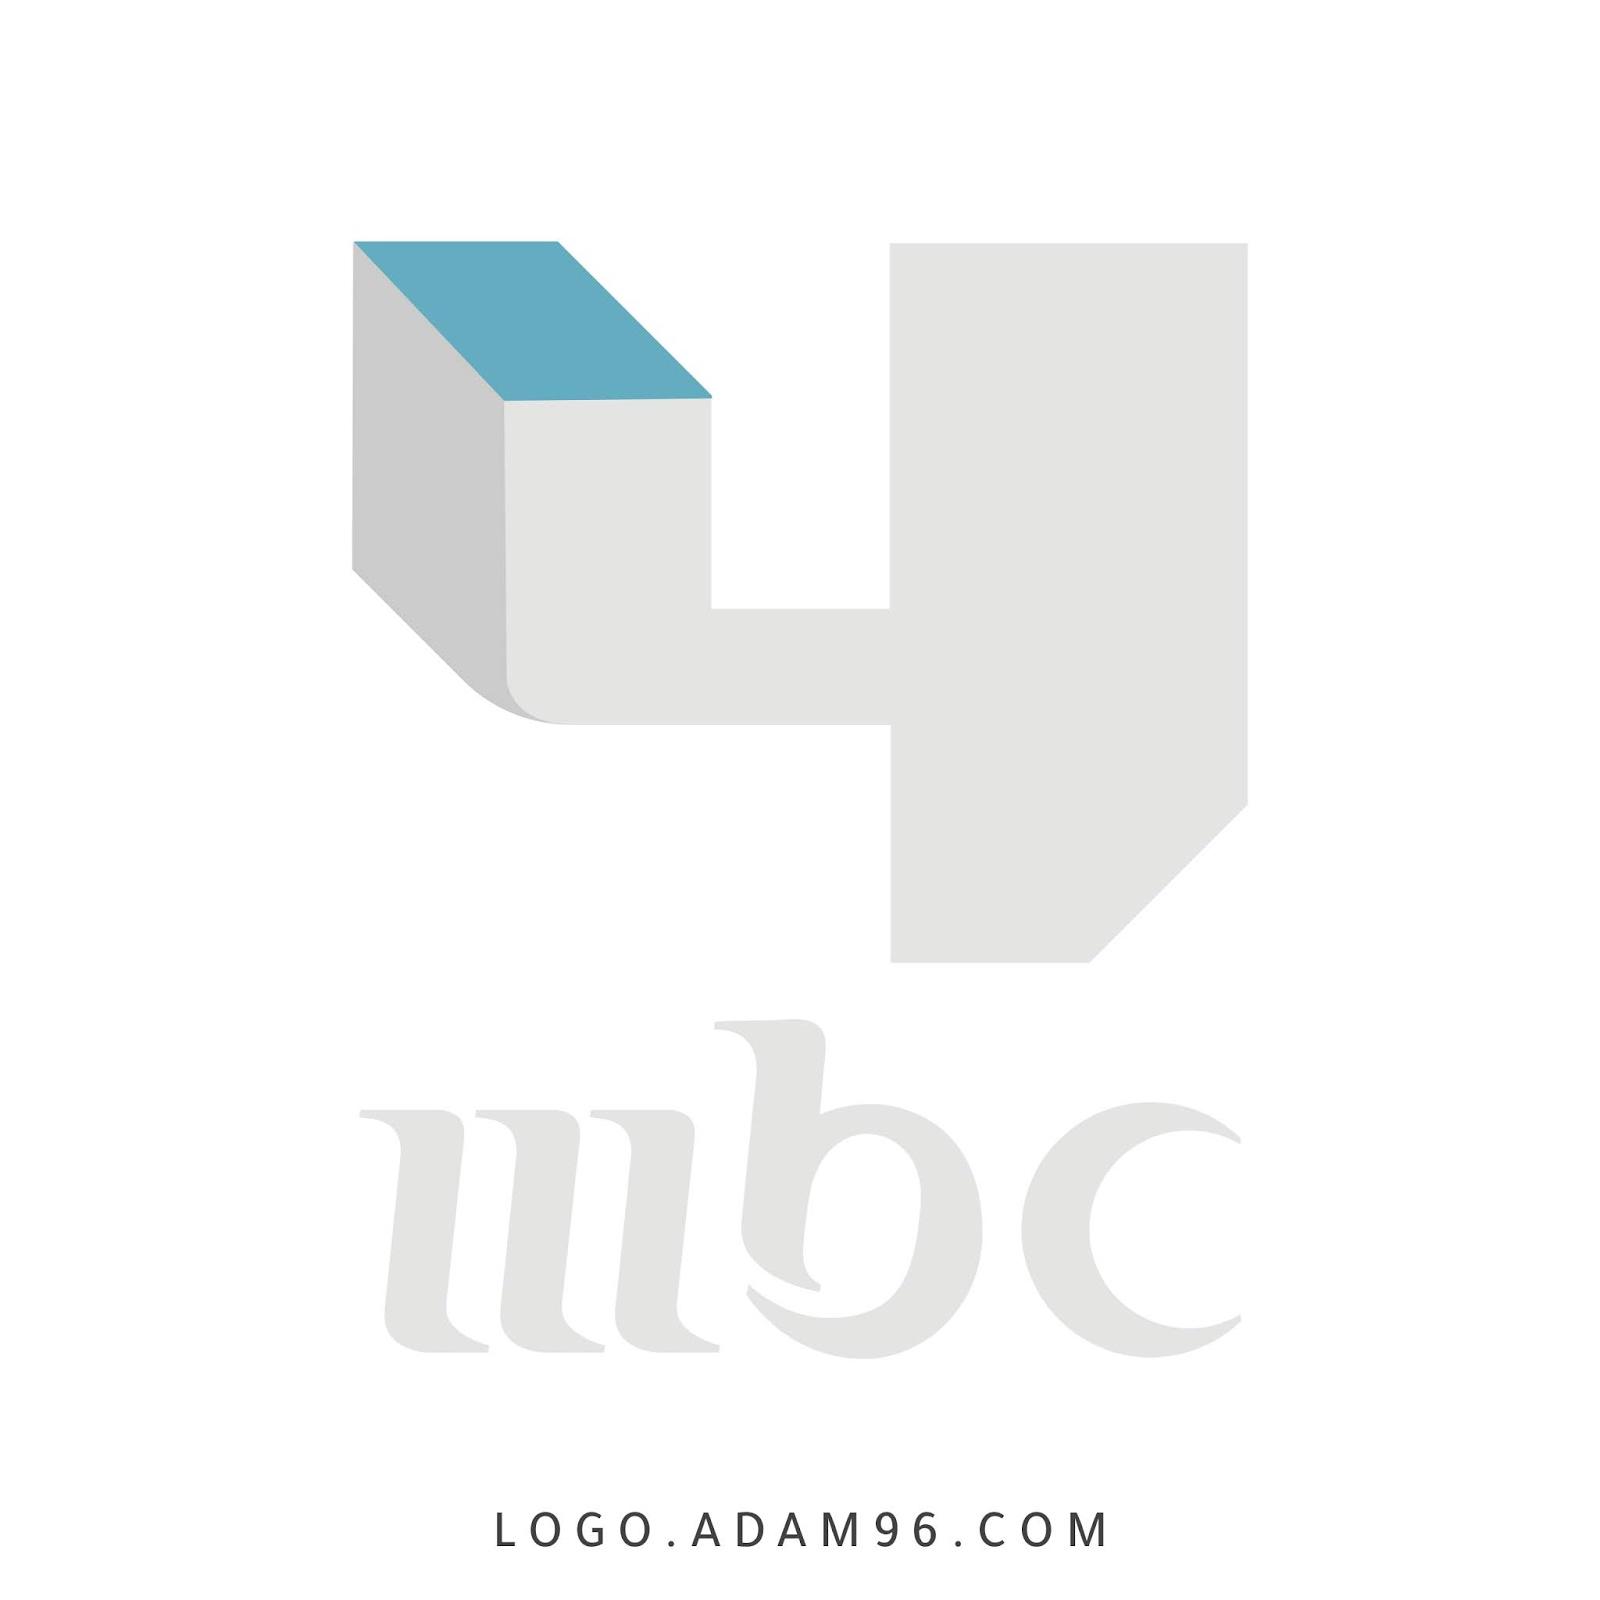 تحميل شعار MBC4 ام بي سي PNG